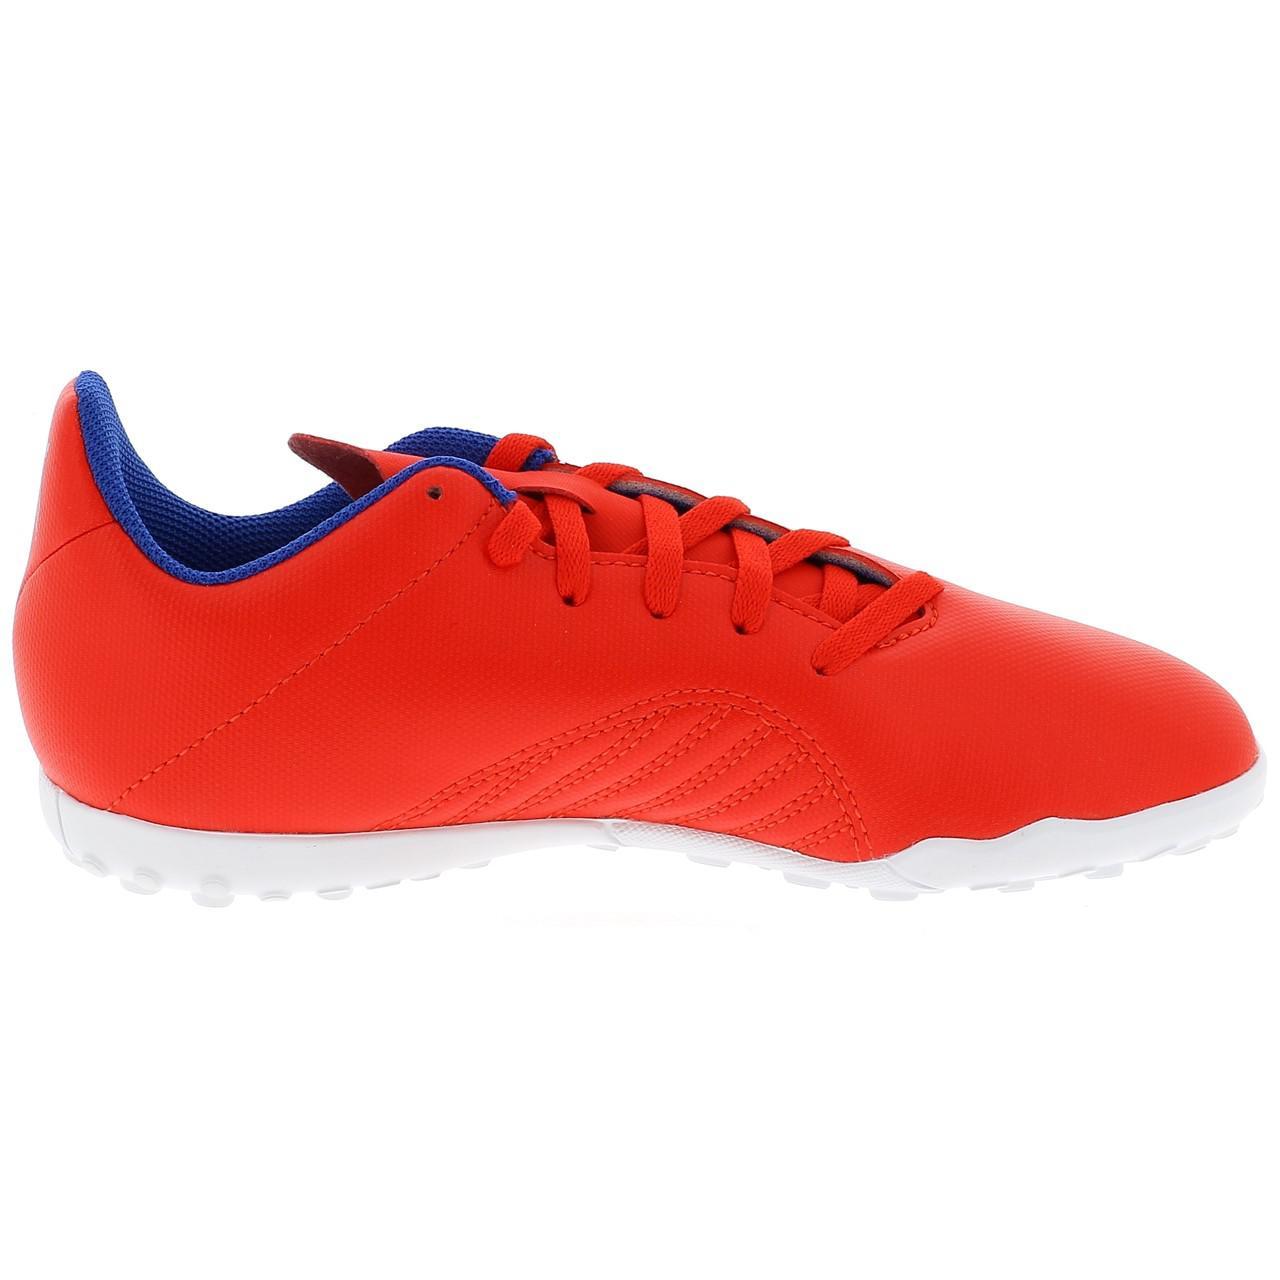 Football-Shoes-Bathroom-Indoor-Adidas-x-18-4-Tf-Jr-Red-54736-New thumbnail 4